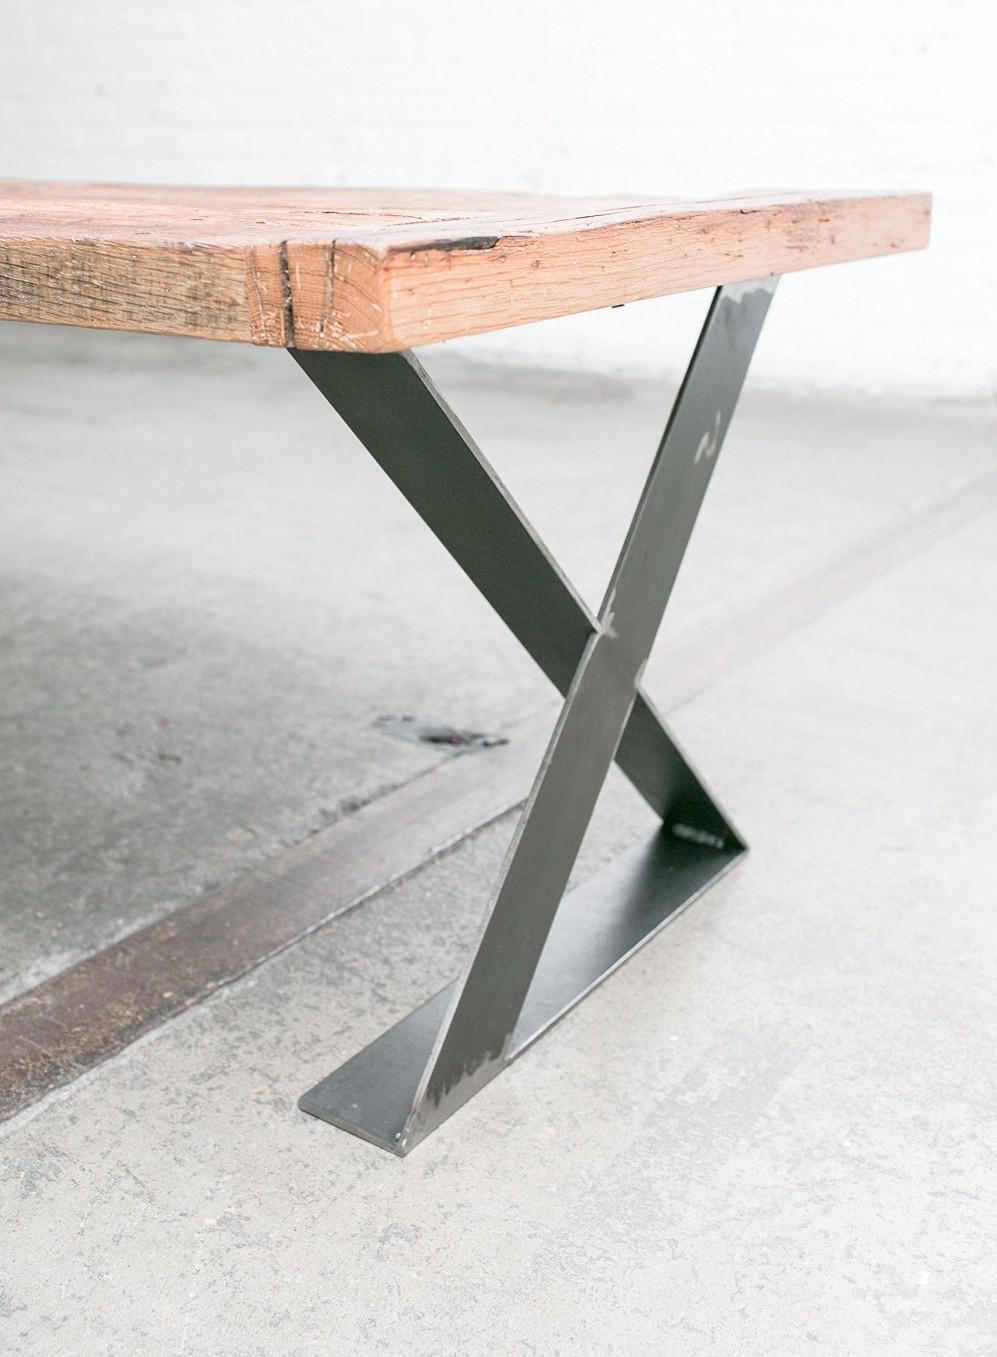 16 zoll flachstahl zx metall holz tischbein eisen tisch basis gro handel tischf e m belbein. Black Bedroom Furniture Sets. Home Design Ideas